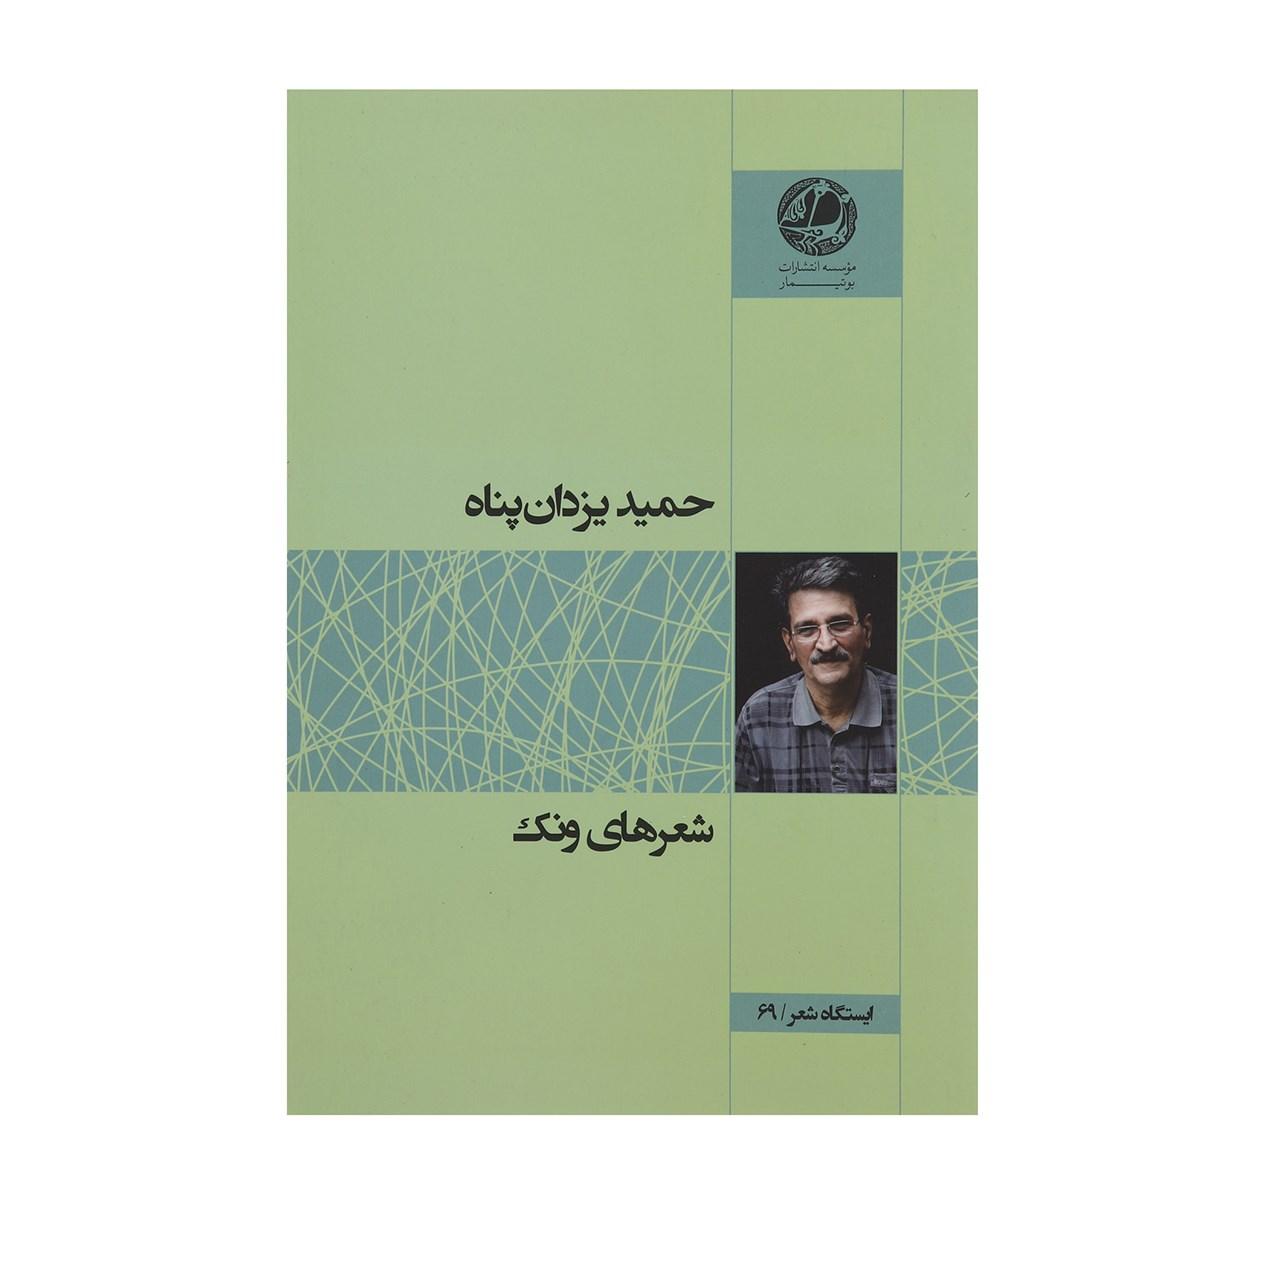 کتاب شعرهای ونک اثر حمید یزدان پناه